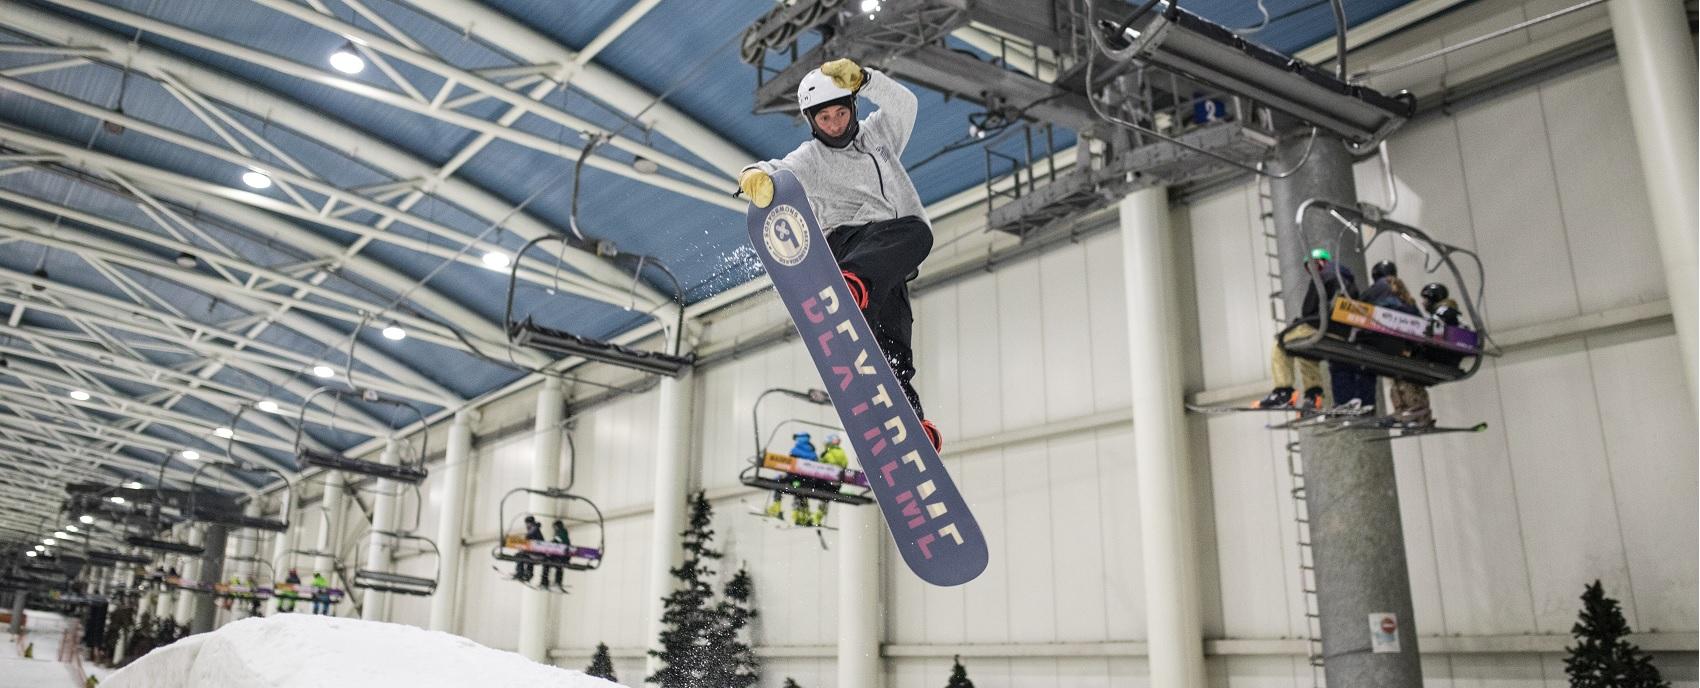 360 frontside tailgrab de Orio Asin testando snowboard BeXtreme en SnowZone